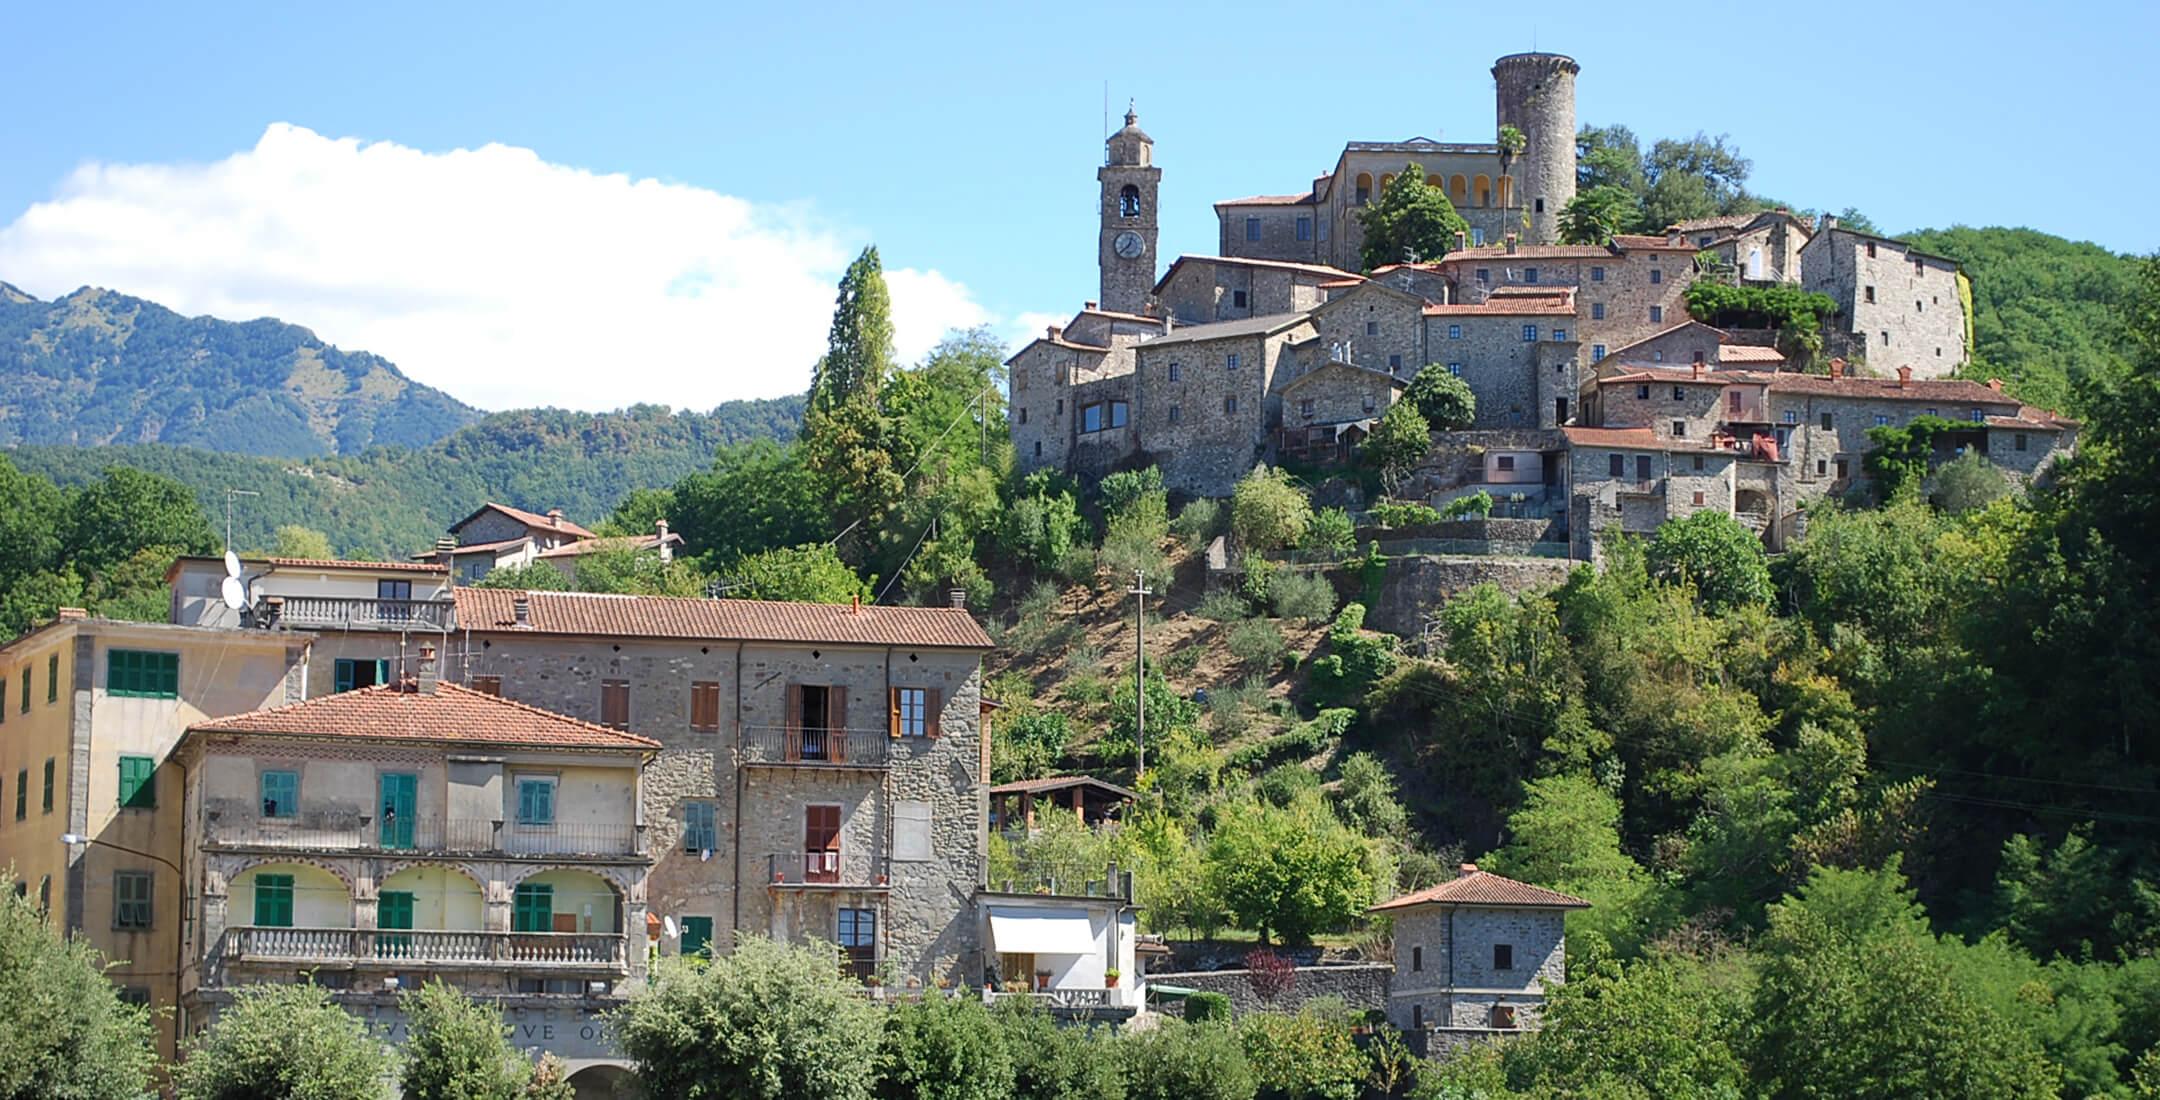 Borgo di Bagnone